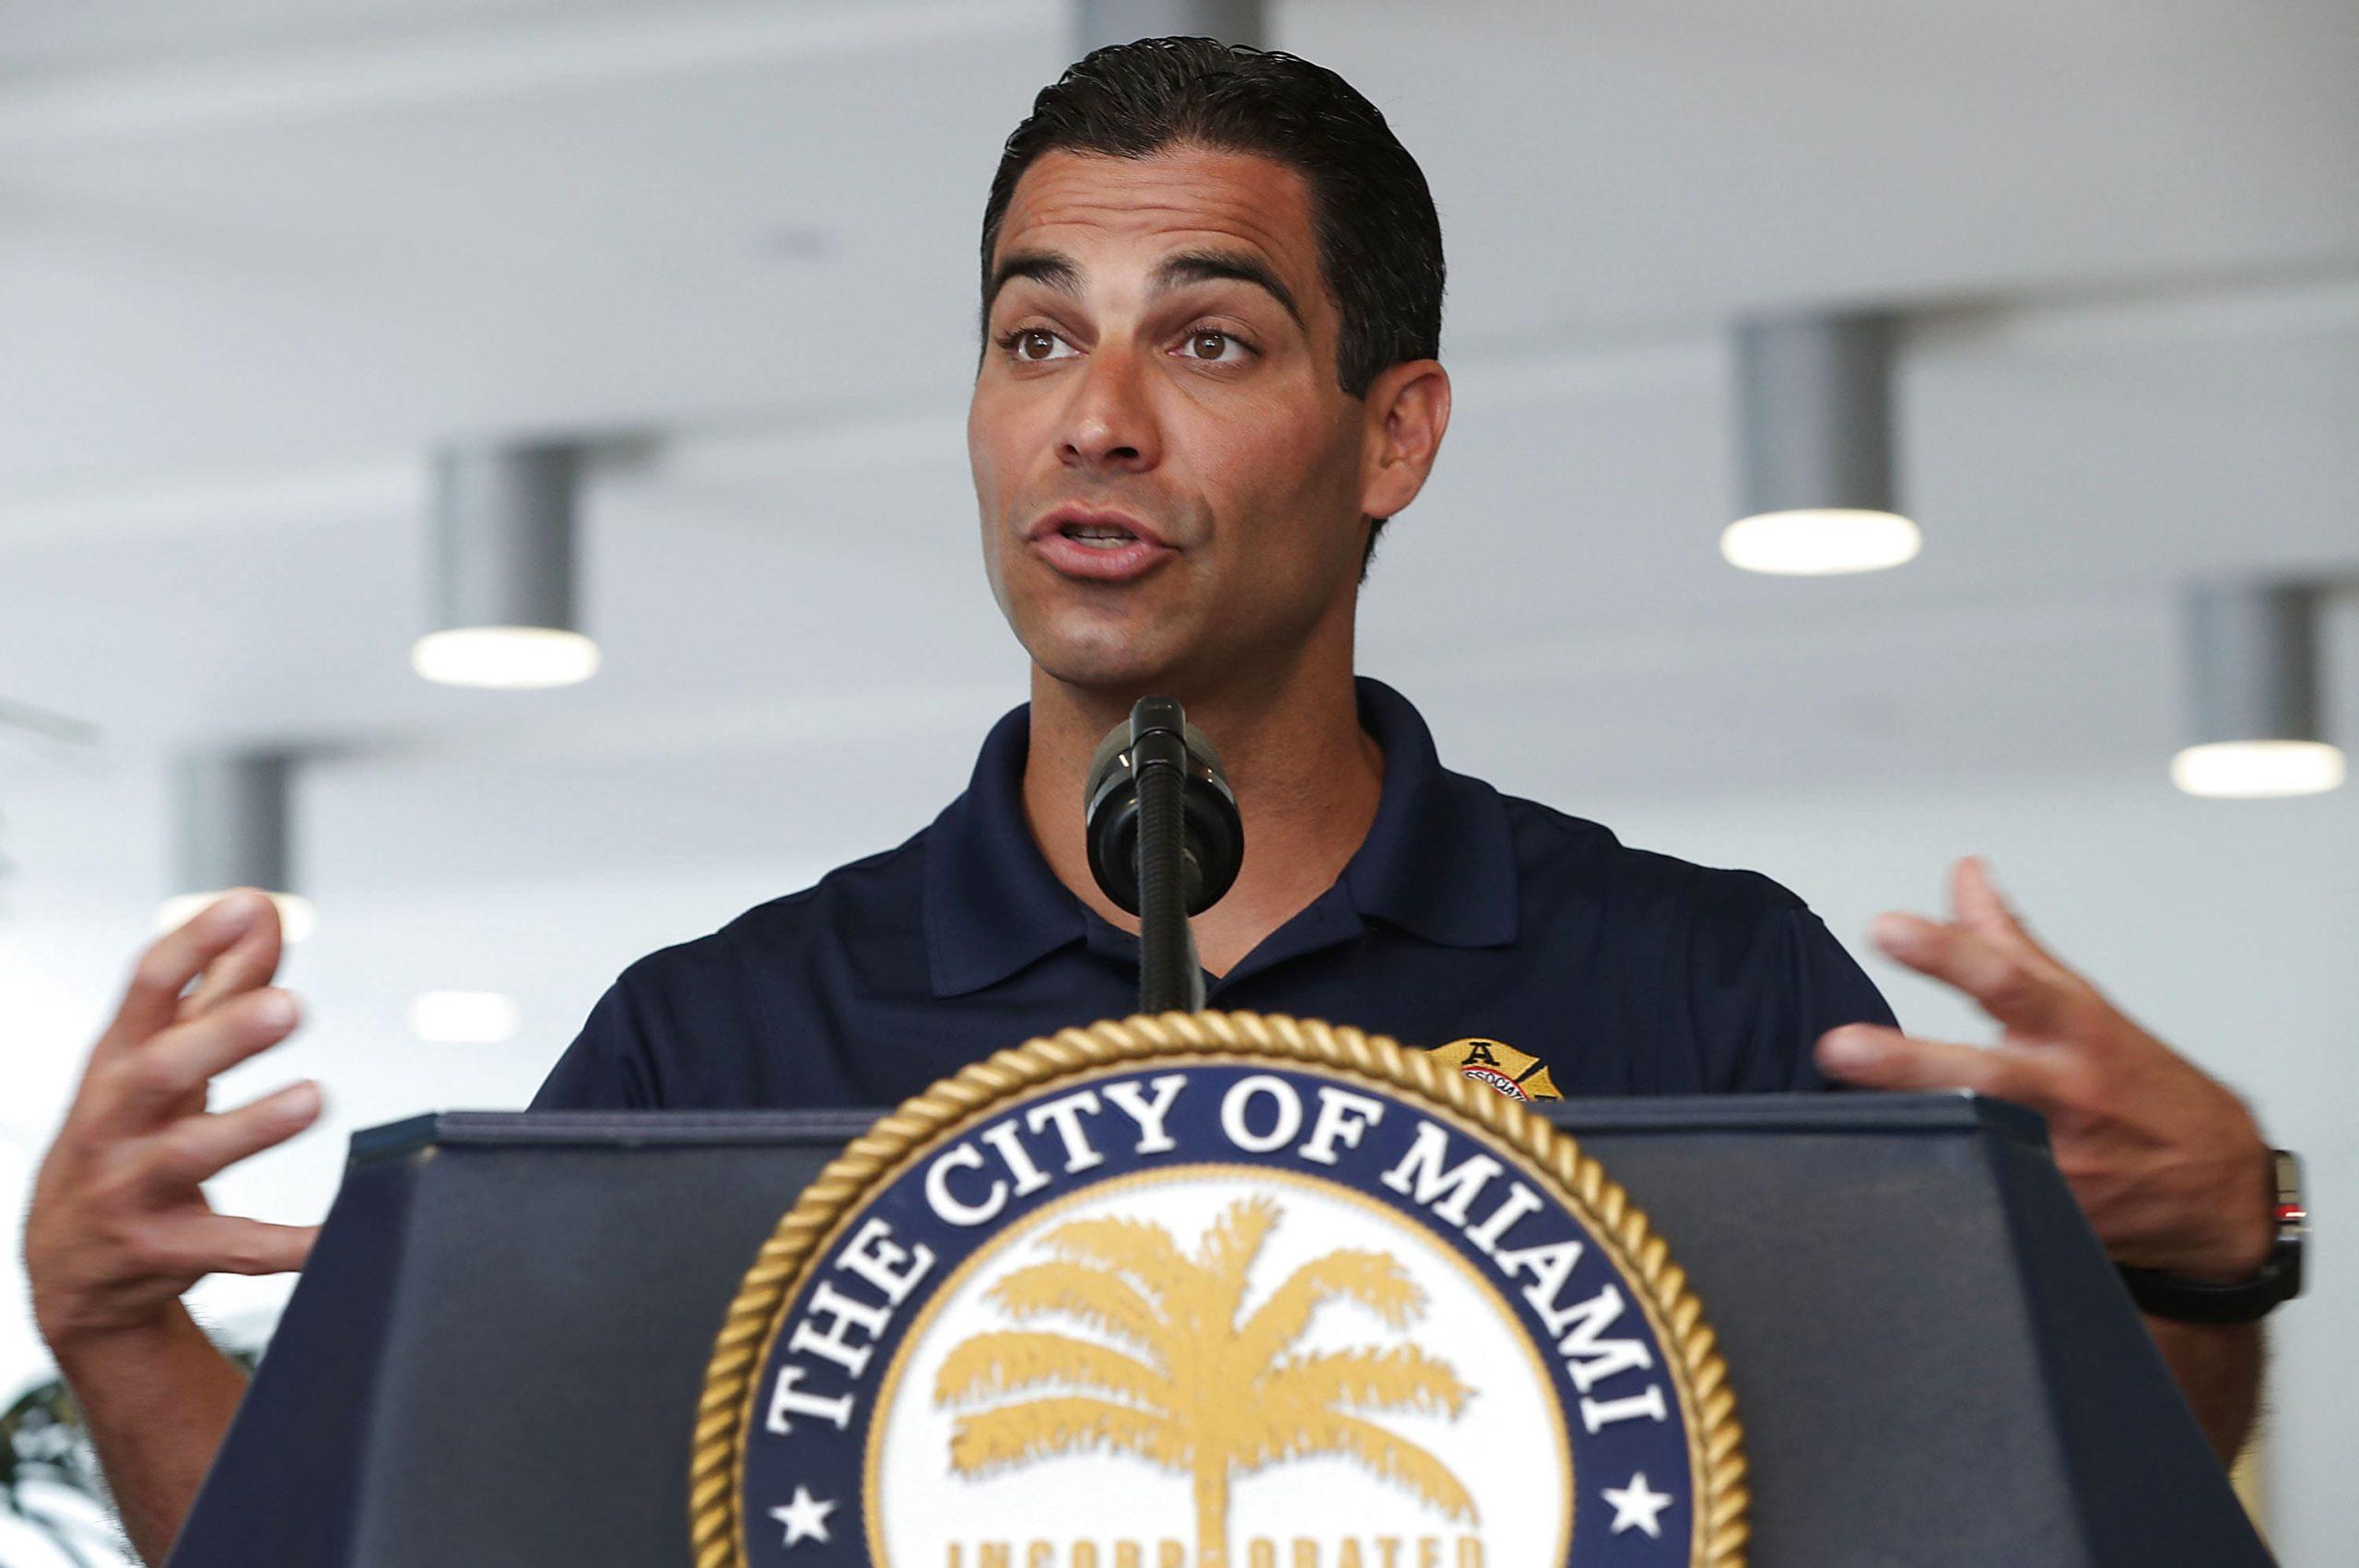 Мэр Майами призвал свергнуть власть на Кубе